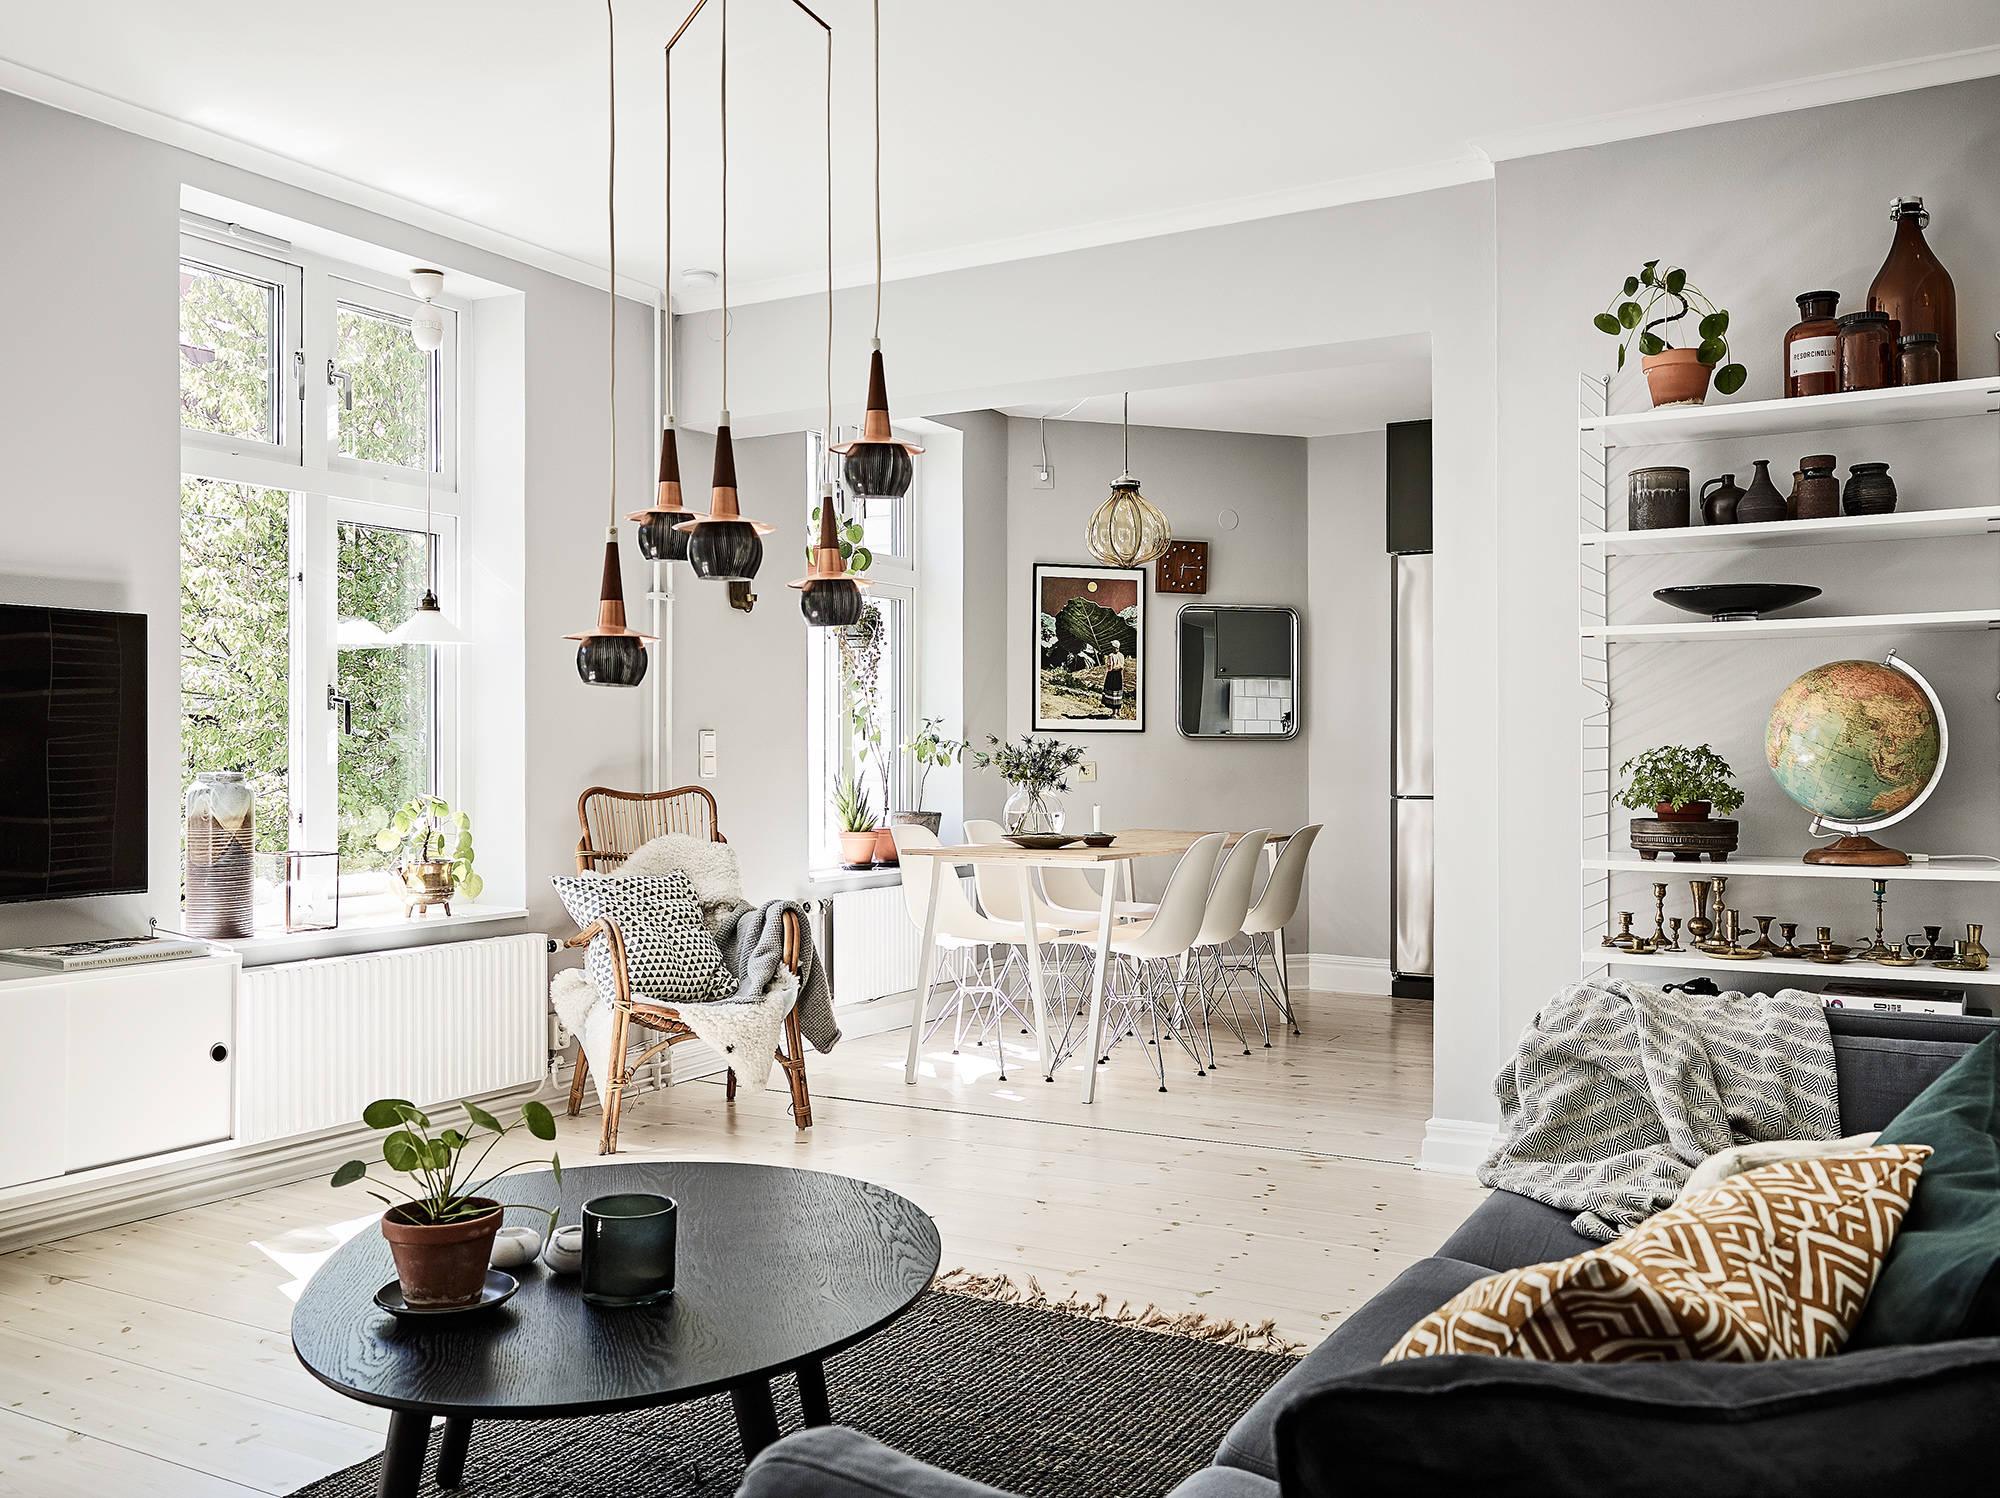 гостиная кухня диван столик ковер подвесные лампы